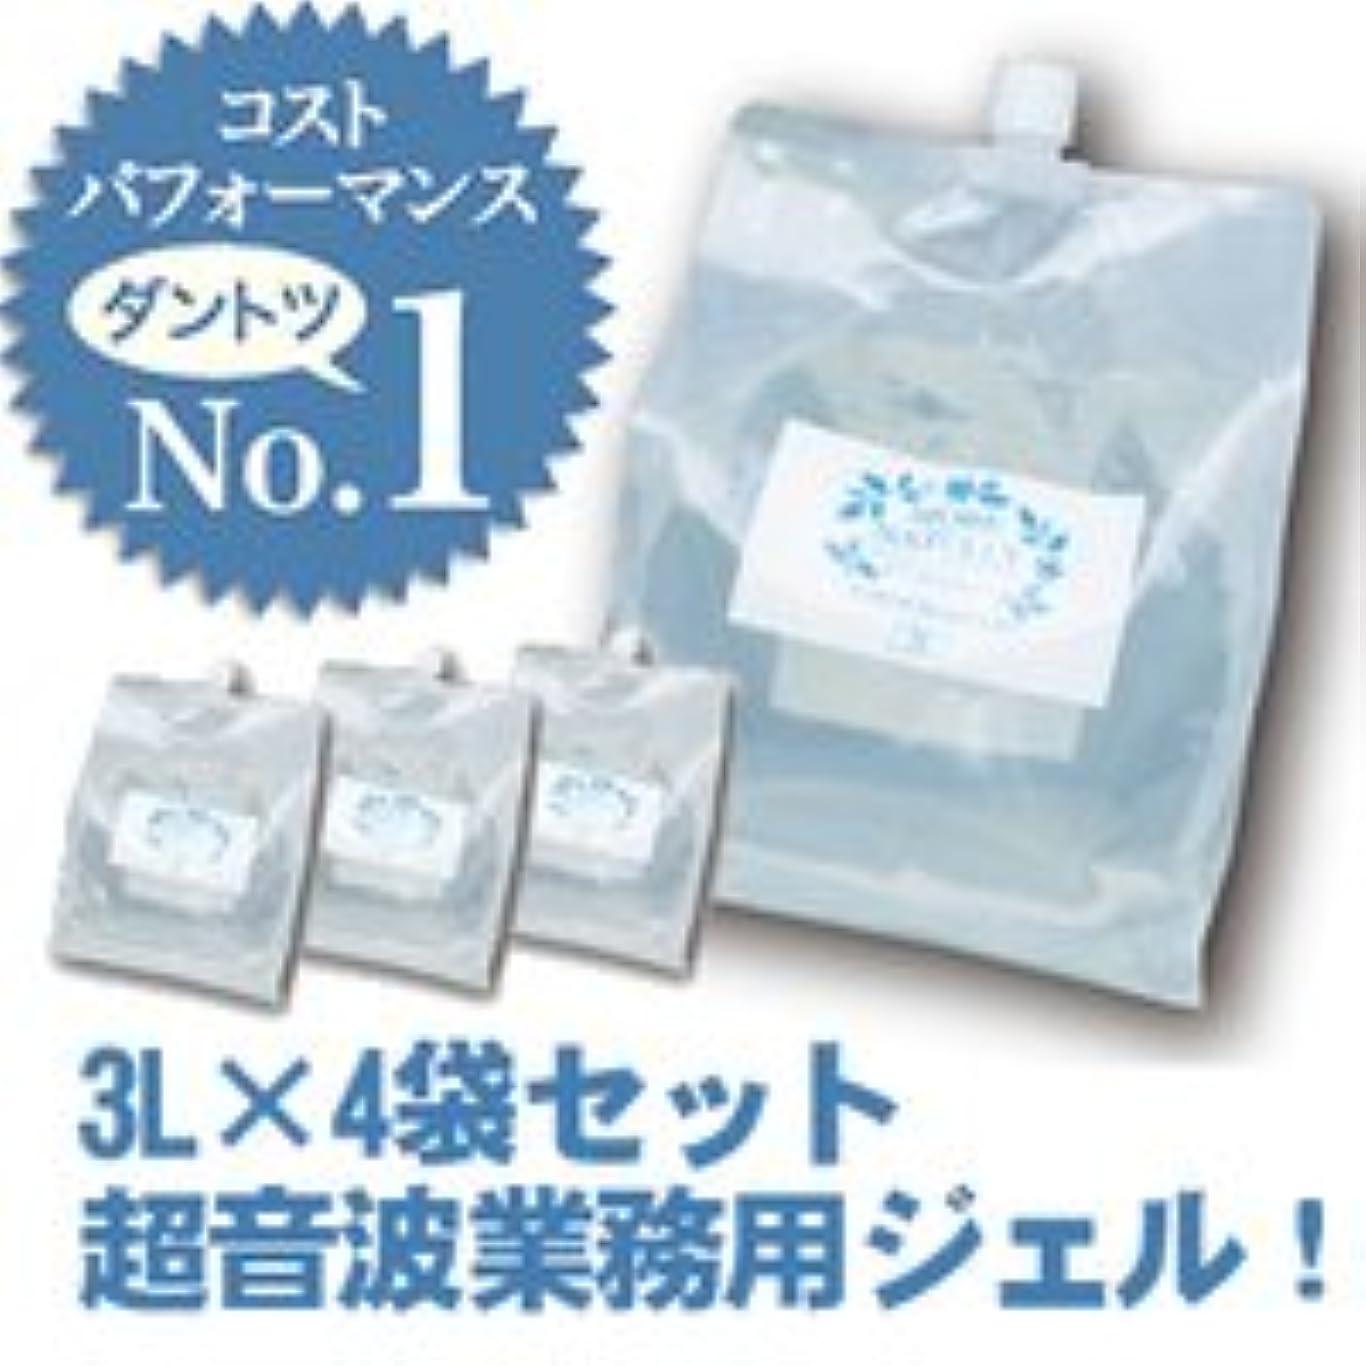 従事する簡単なブロンズモアナチュリー キャビ&フラッシュジェル 4袋セット 3L×4袋 12Lスーパーハードタイプ